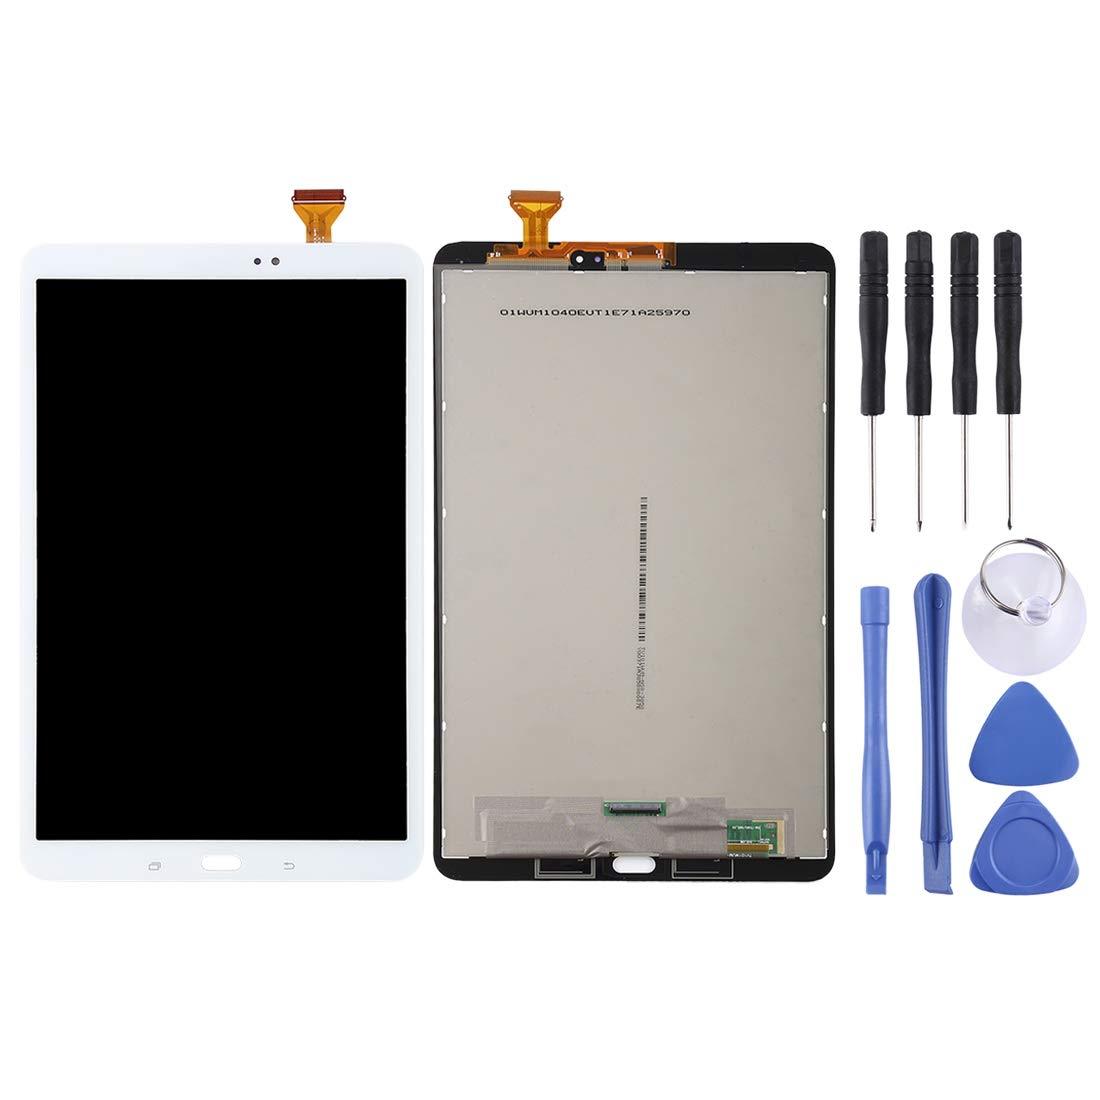 公式の店舗 修理用フロントパネル(フロントガラスデジタイザ)タッチパネル Color1 Lcd液晶パネルセット Galaxy 10.1 Tab A 10.1/ T580(黒)のLCDスクリーンとデジタイザーのフルアセンブリ A (色 : Color1) Color1 B07N66ZCQ3, Styl-us(スタイラス):9ab55724 --- senas.4x4.lt